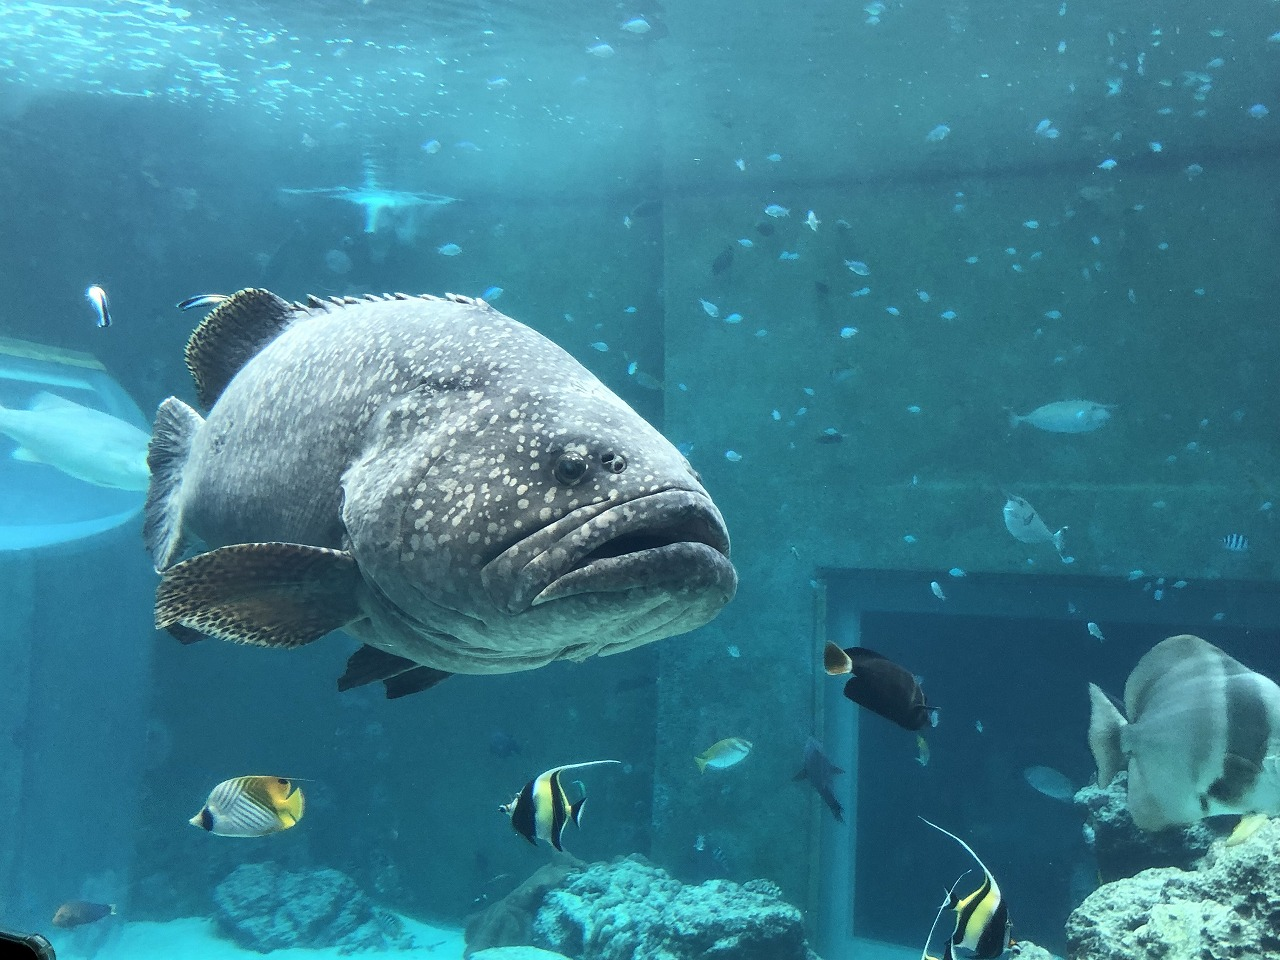 美ら海水族館のサンゴ礁の生き物